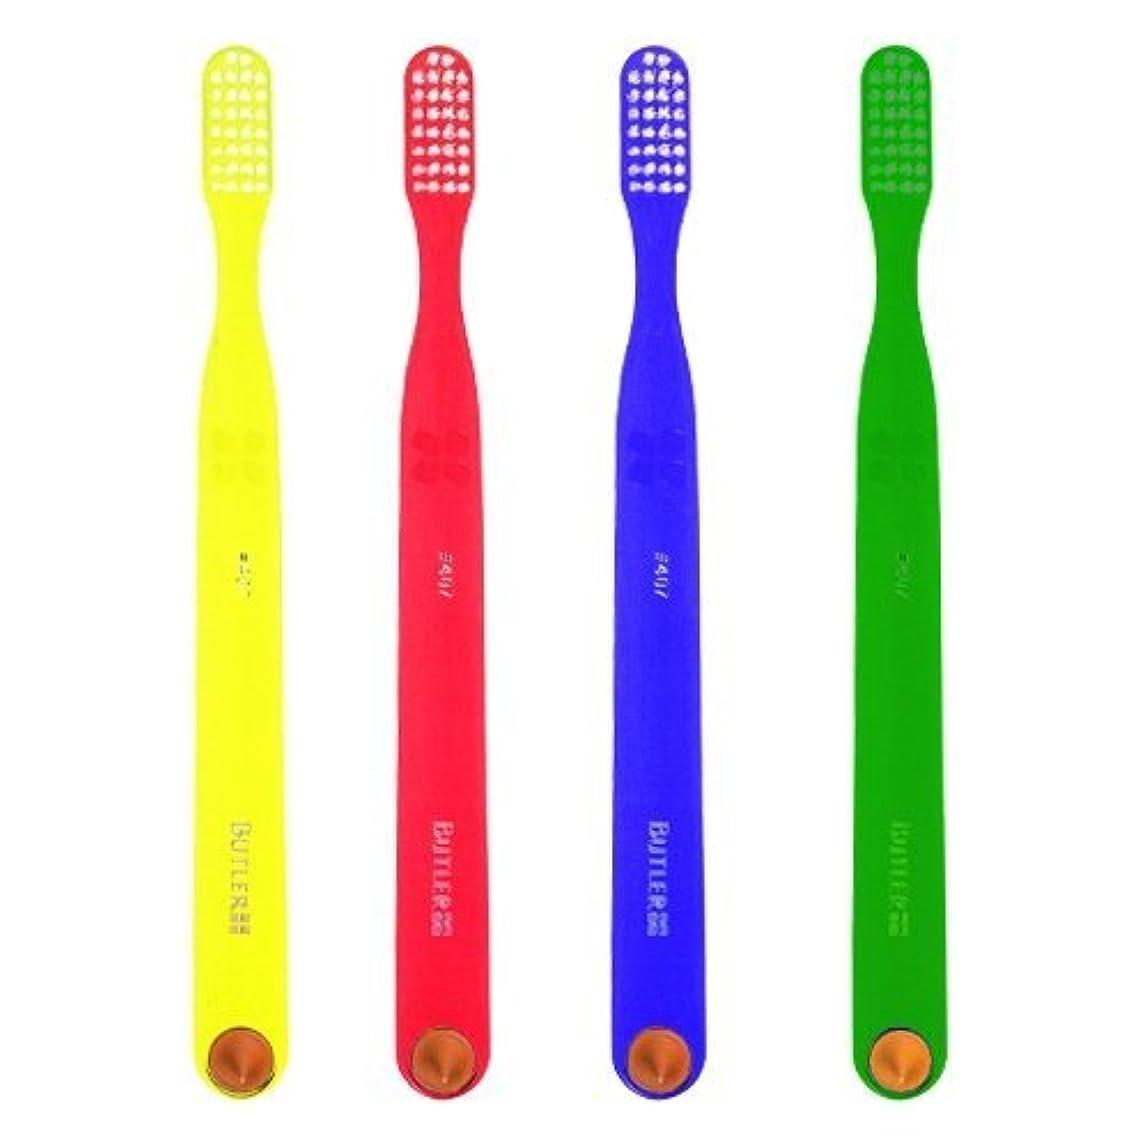 実験室サーキュレーション不毛のバトラー 歯ブラシ 1本 #407